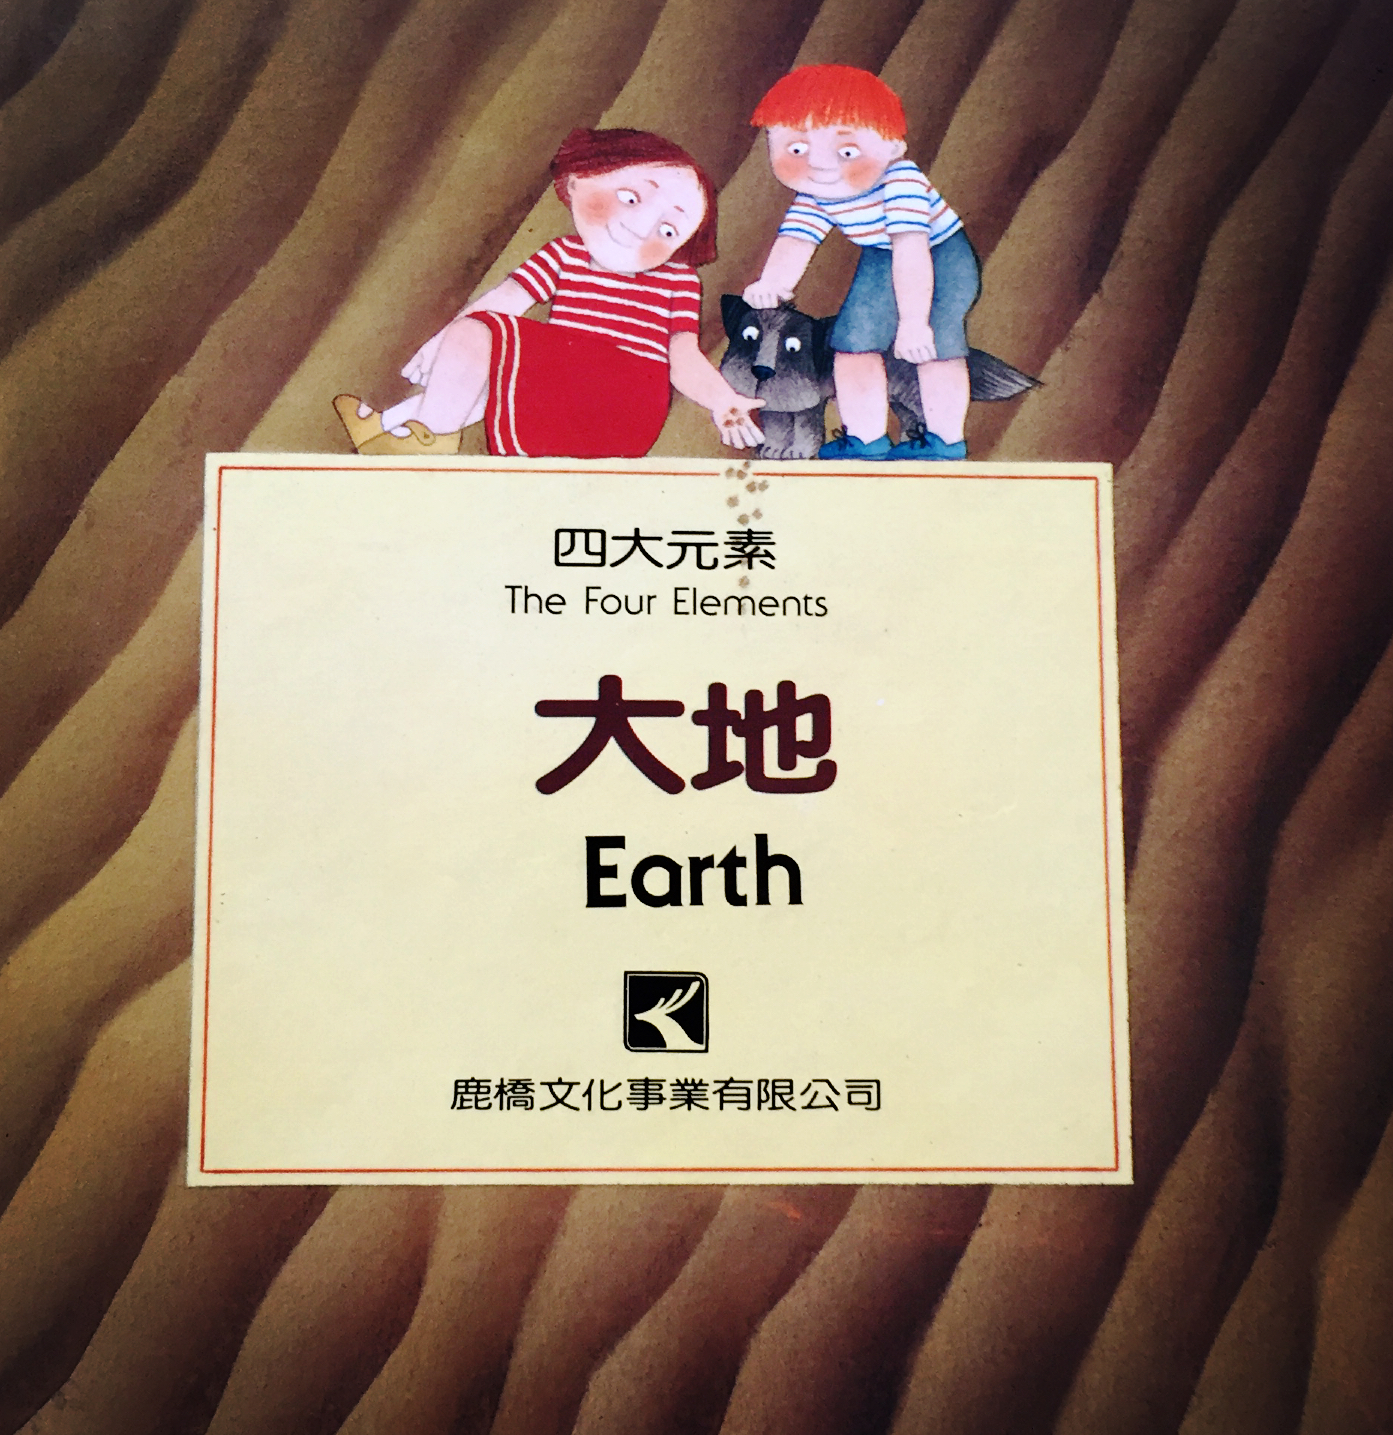 《蘇菲說故事》006 四大元素-大地(中英對照版)